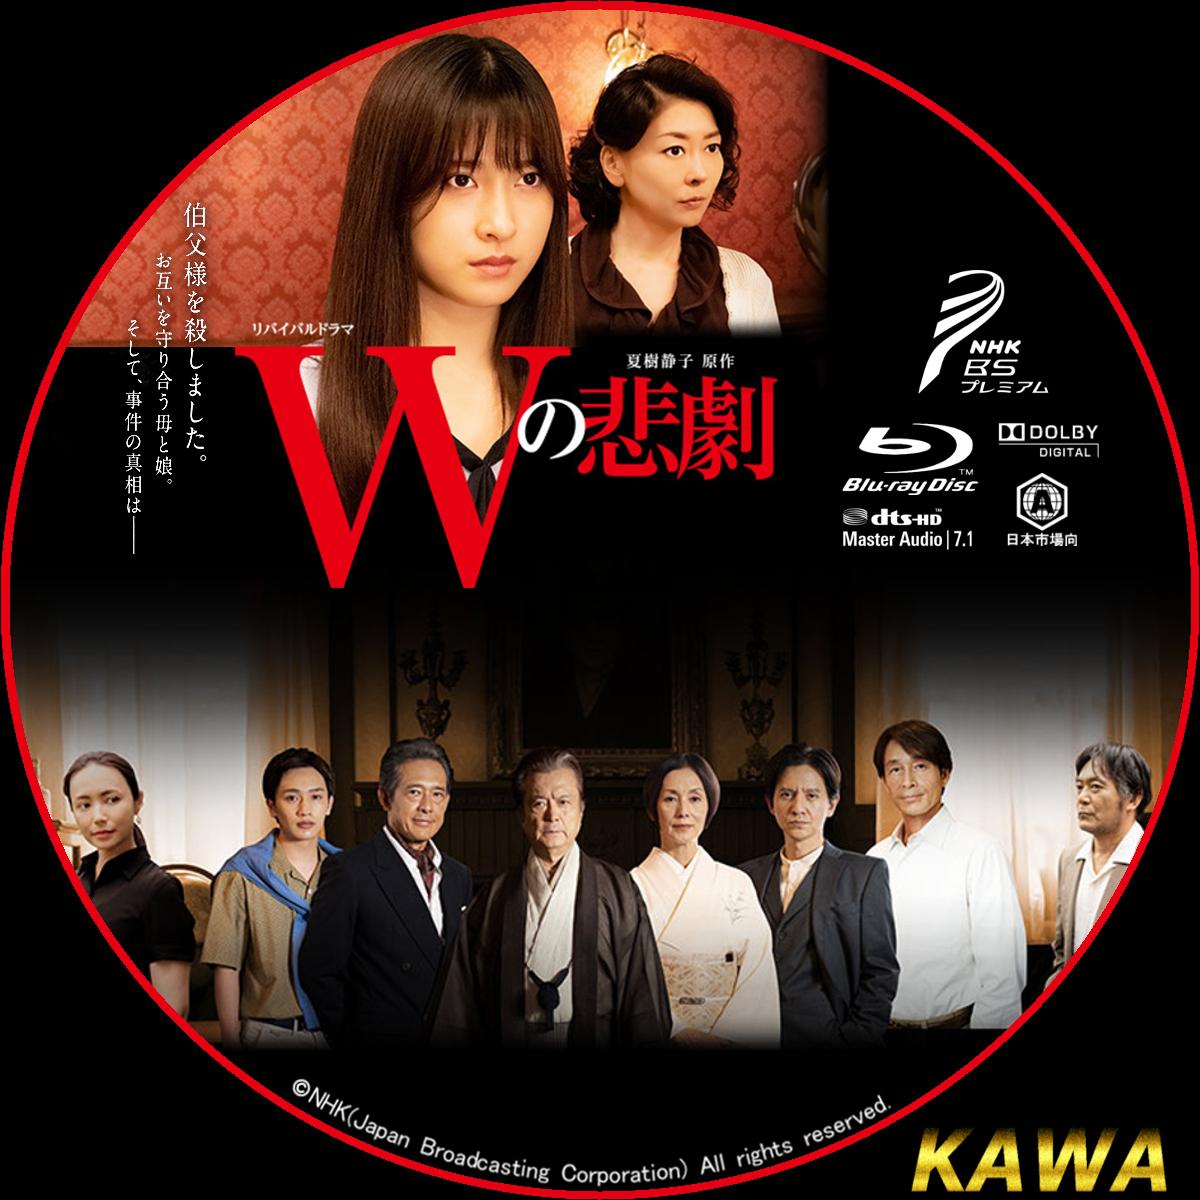 Wの悲劇 NHK2bu